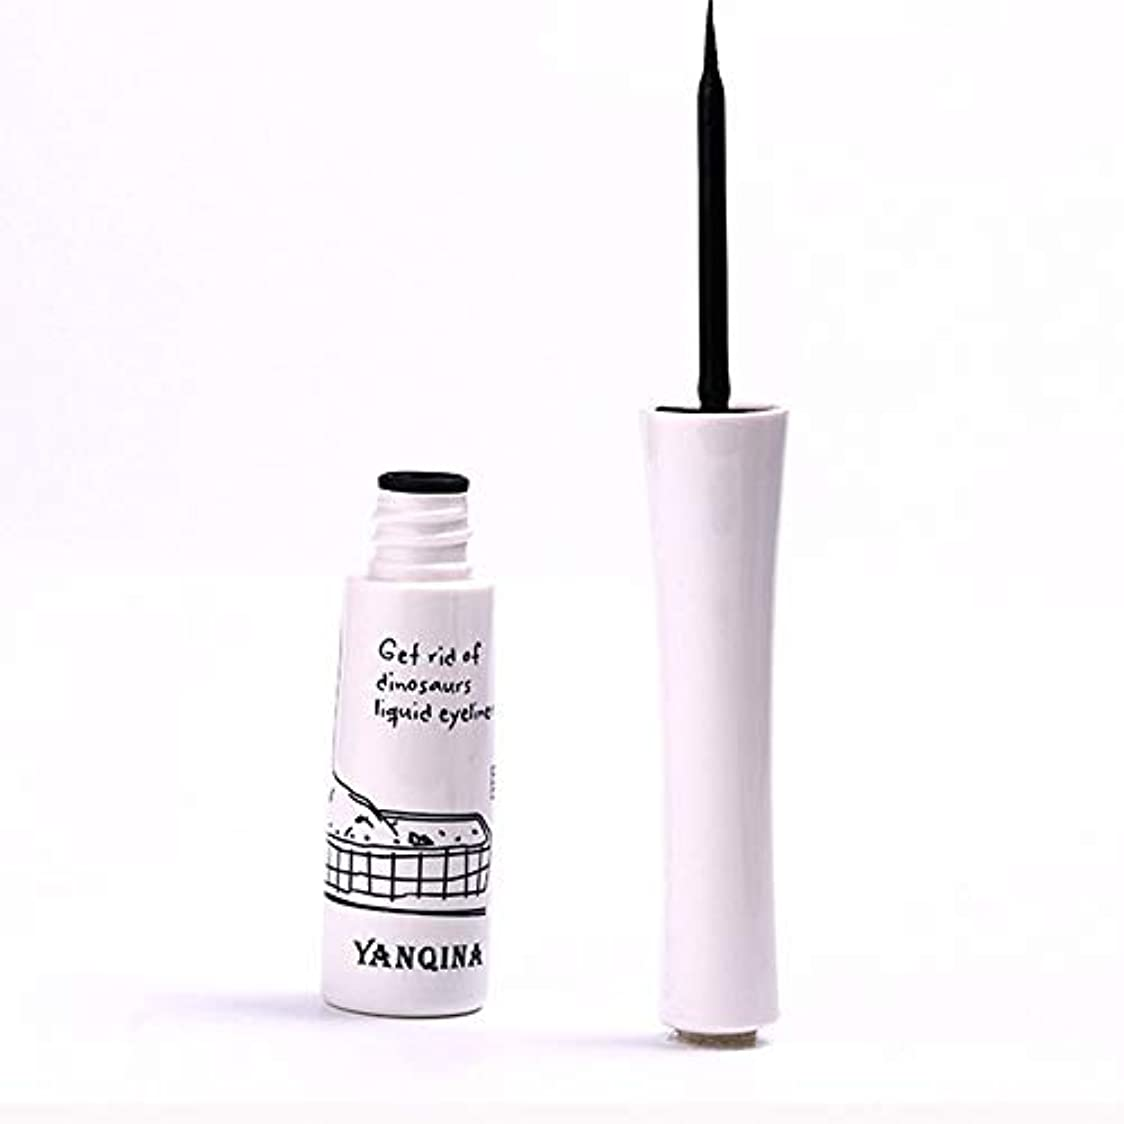 ブランチストライク磁石黒いアイライナーの防水液体のアイライナーの鉛筆のペンは特徴を構成します